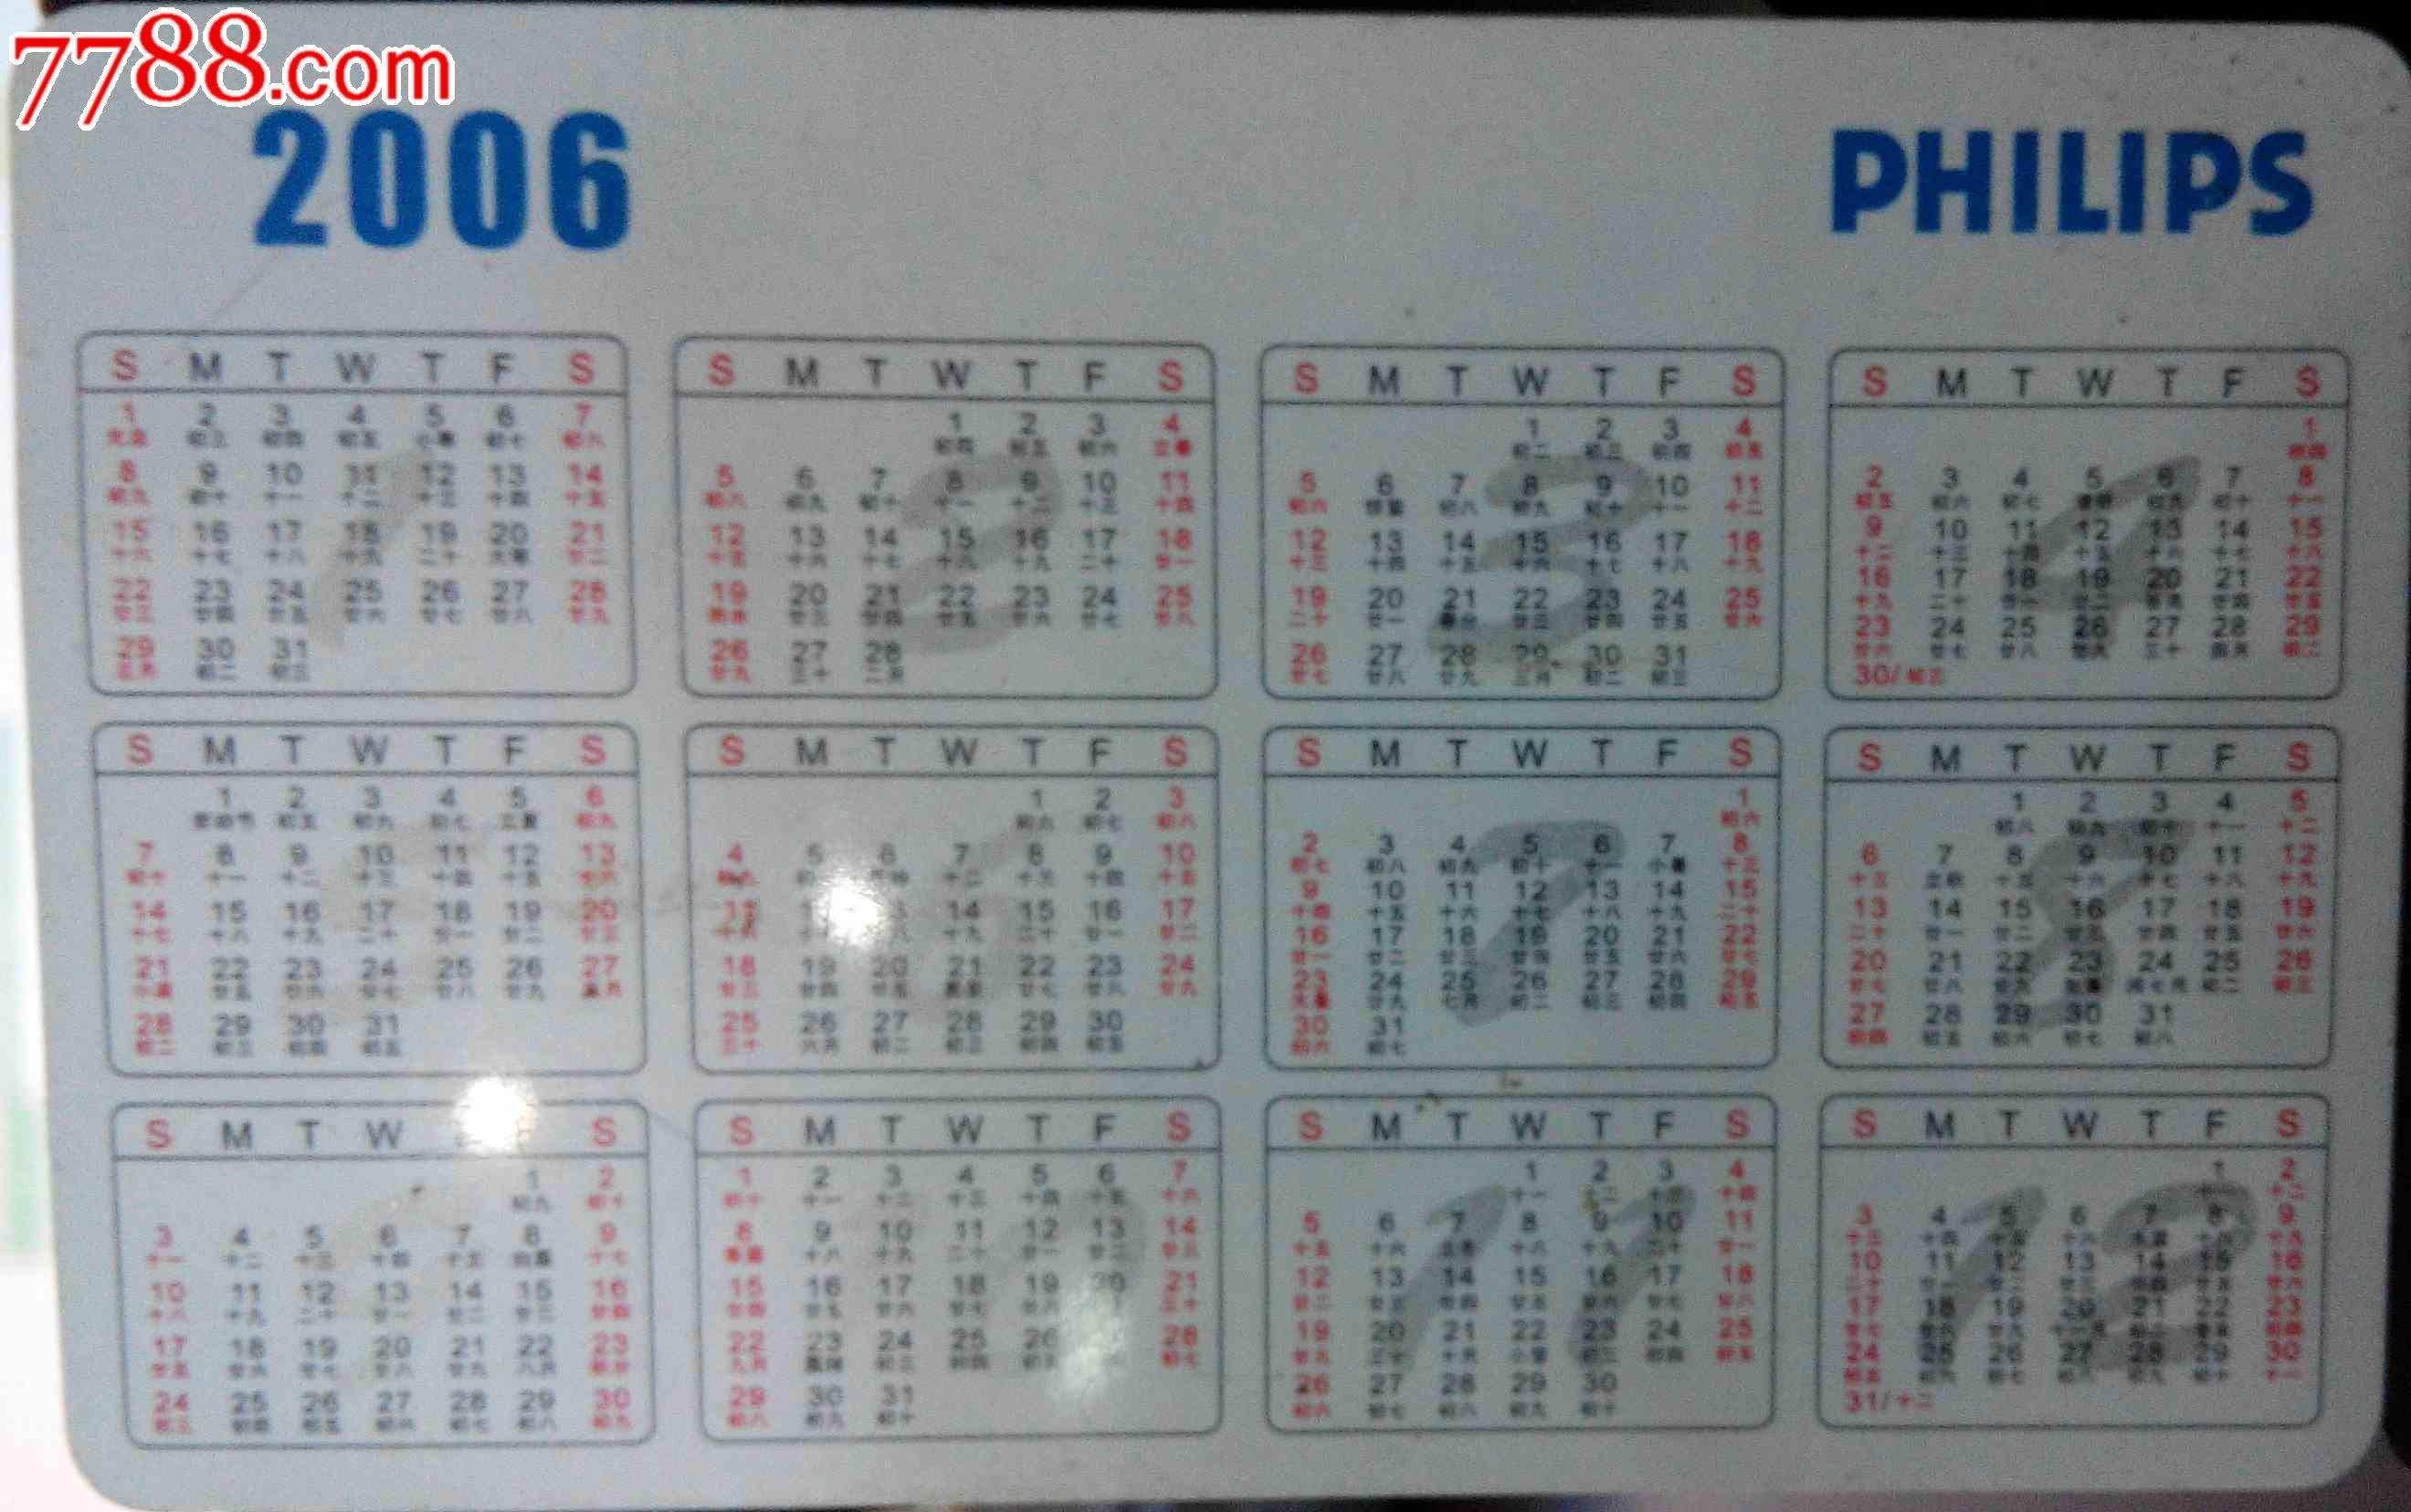 2006年飞利浦广告年历片(hh:120.2)图片